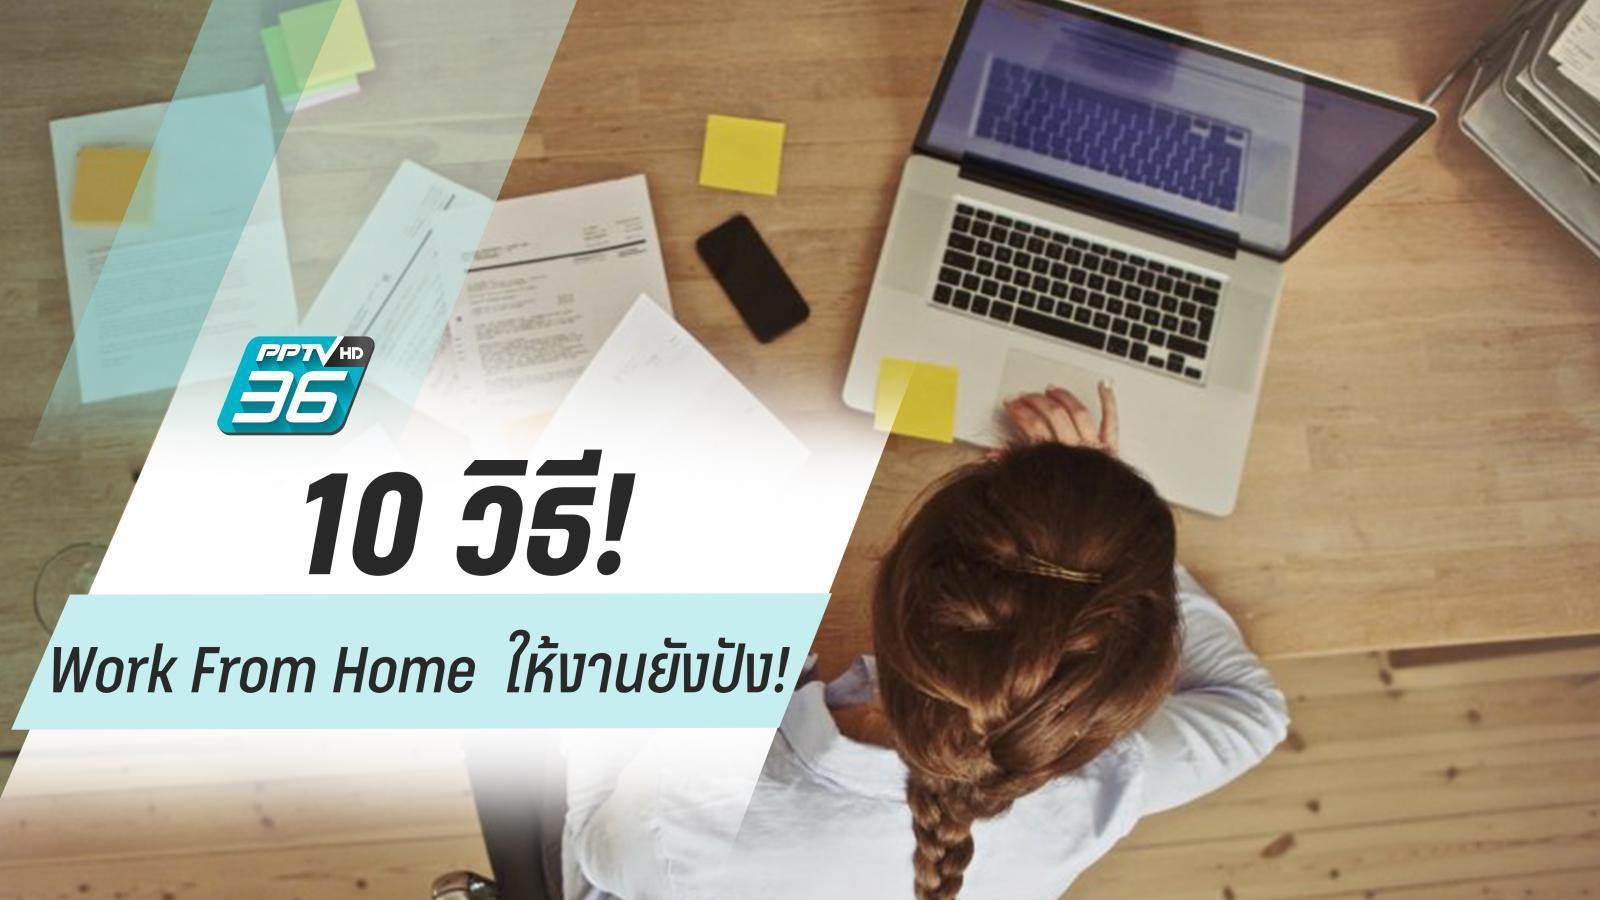 ลอง 10 วิธีนี้ ให้  Work From Home  ไม่มีสะดุด